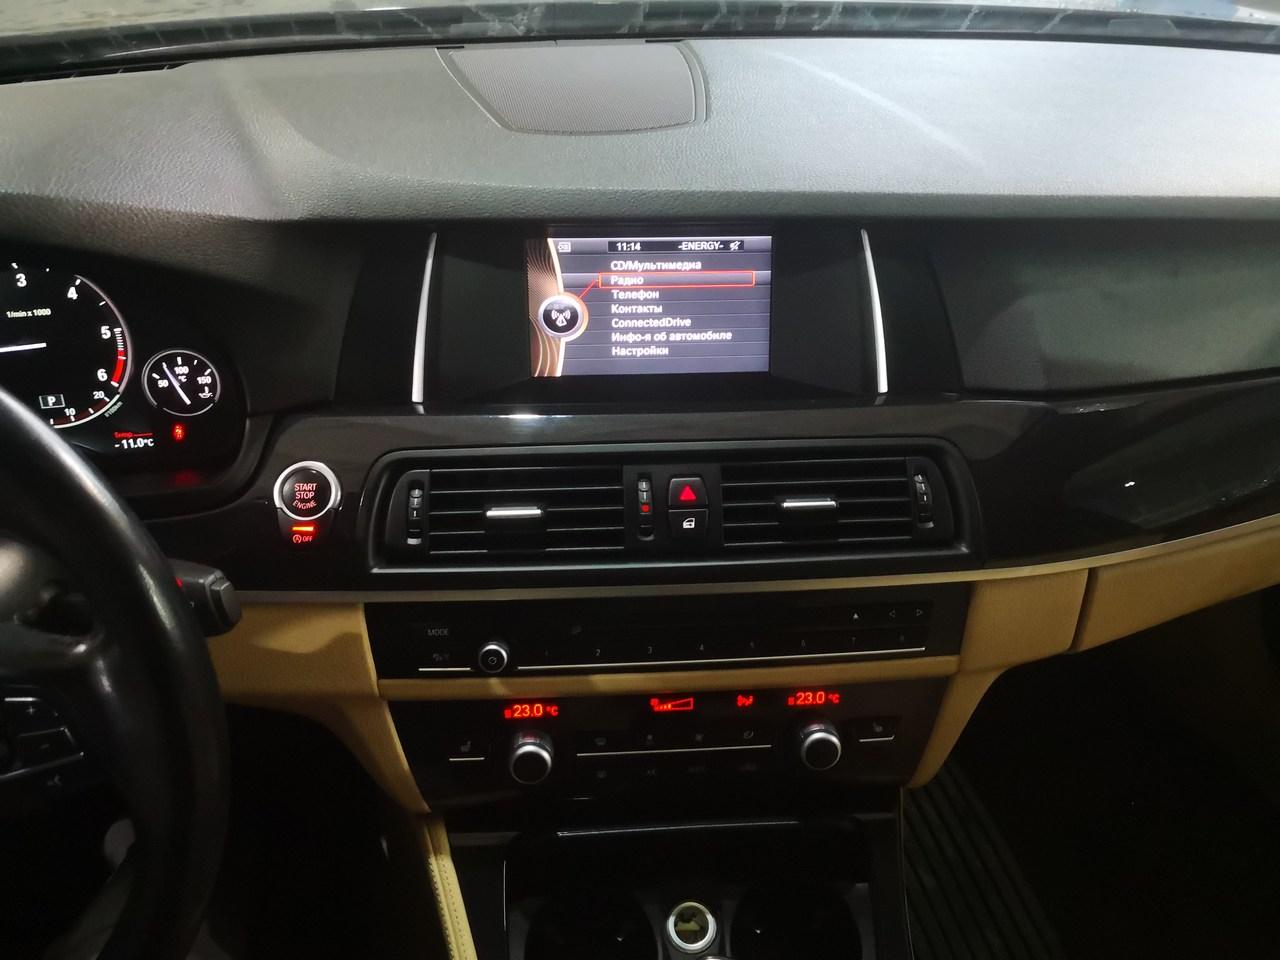 HU Entry, BMW F10